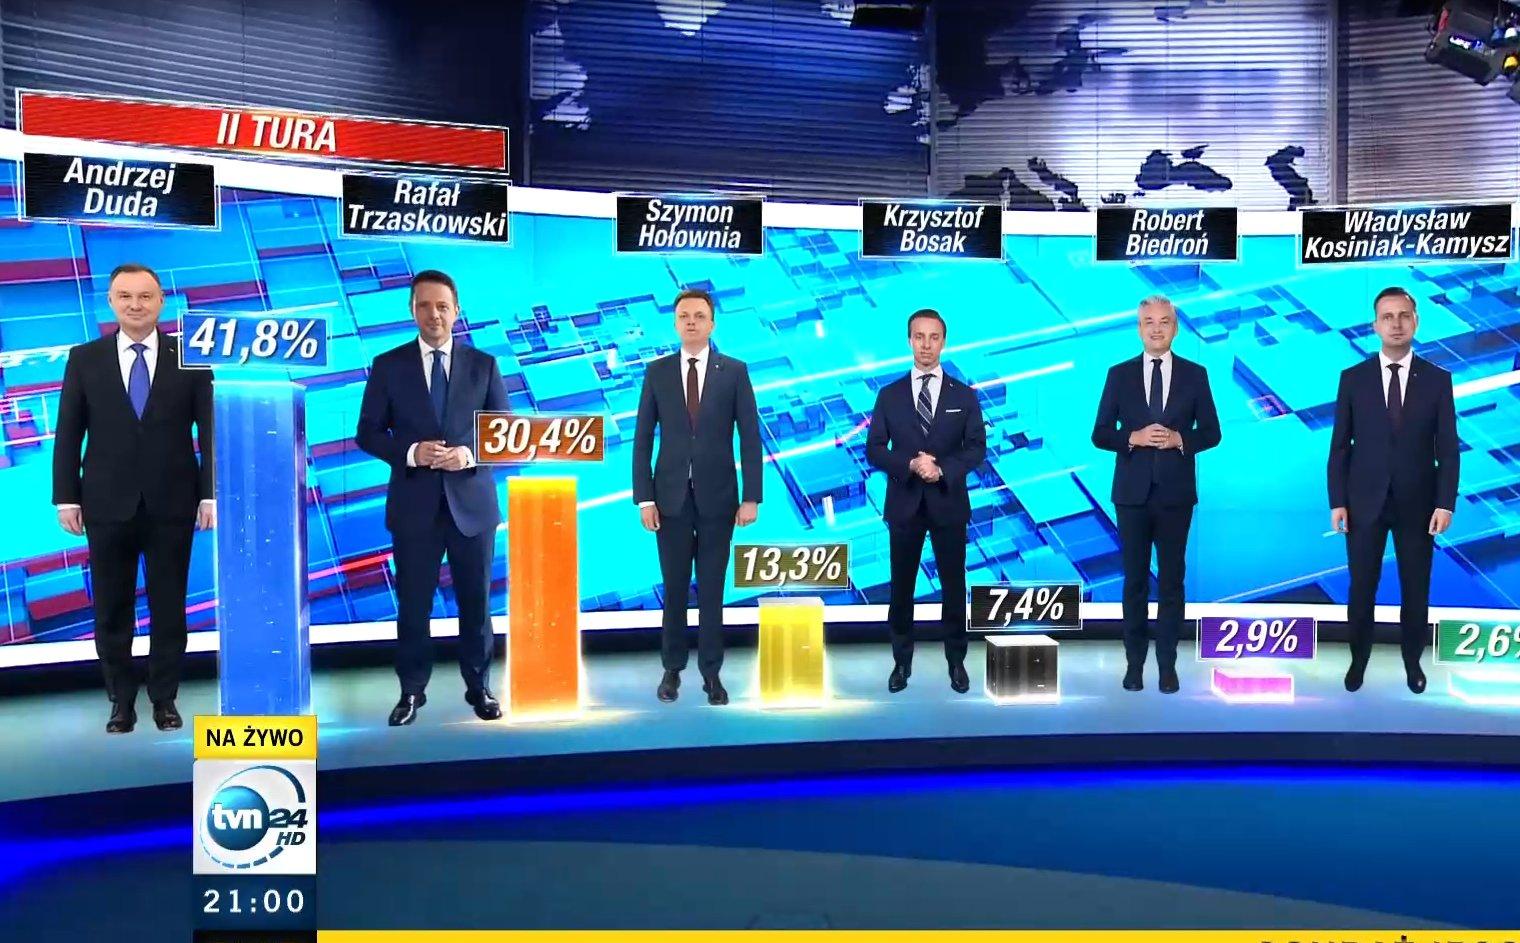 Apklausa: A. Duda gali laimėti Lenkijos prezidento rinkimus antrajame rate nedidele persvara